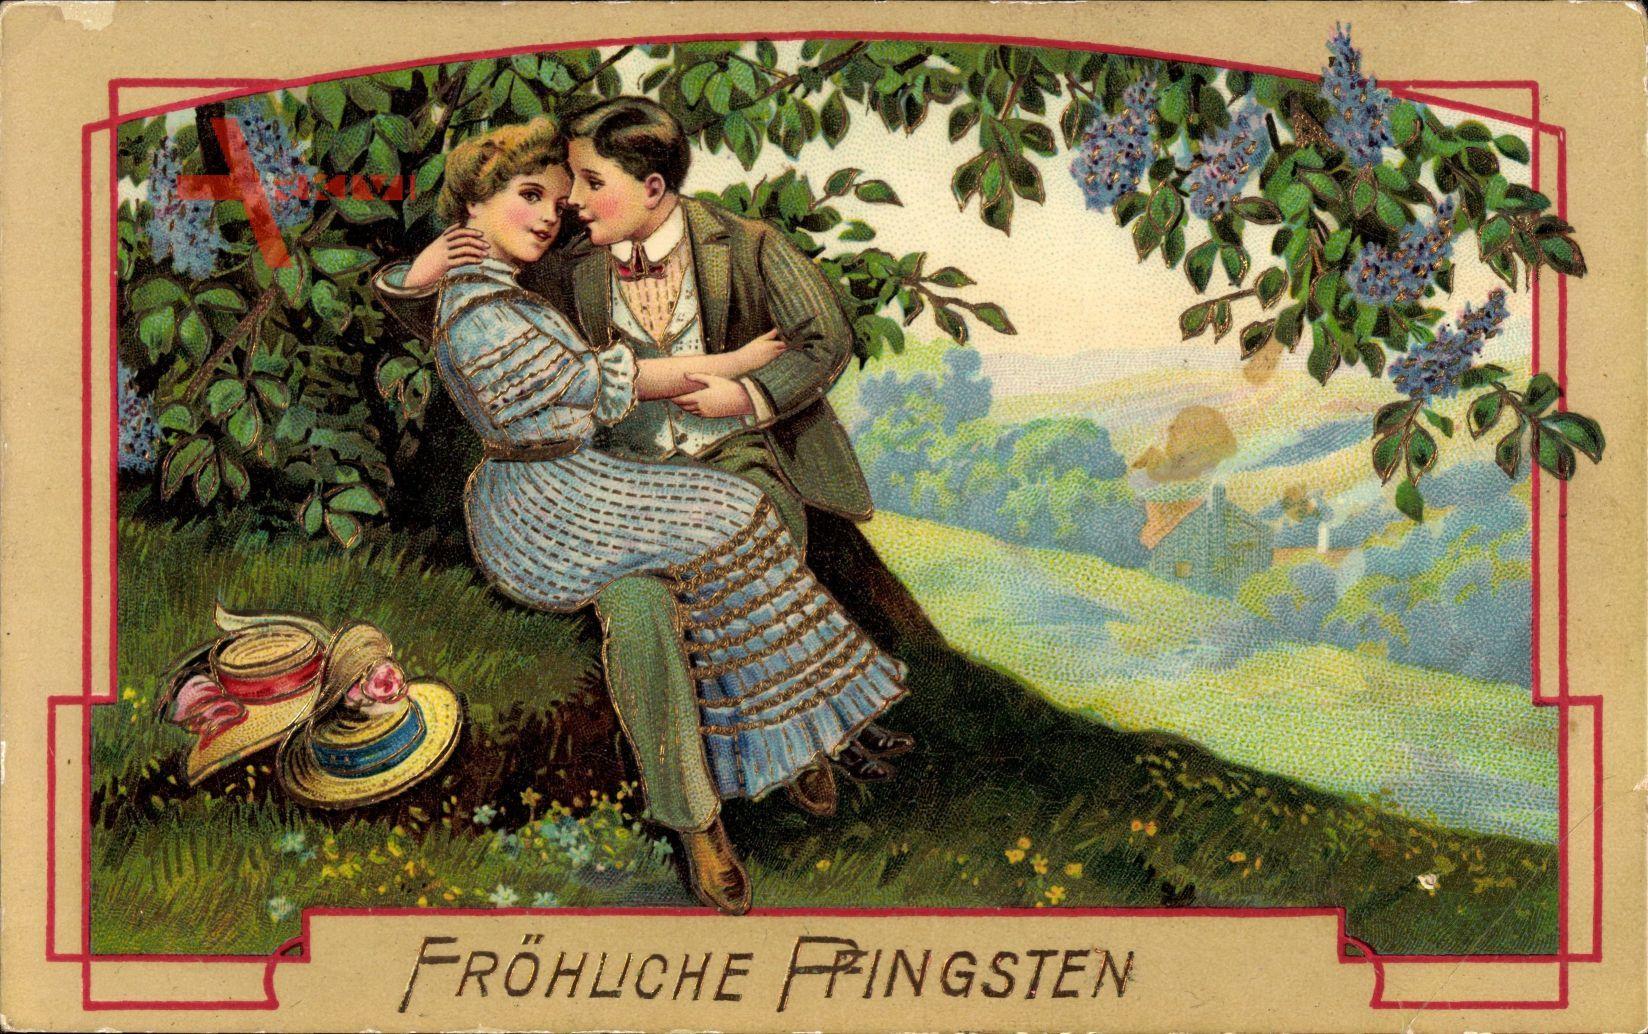 Glückwunsch Pfingsten, Liebespaar unter einem Baum